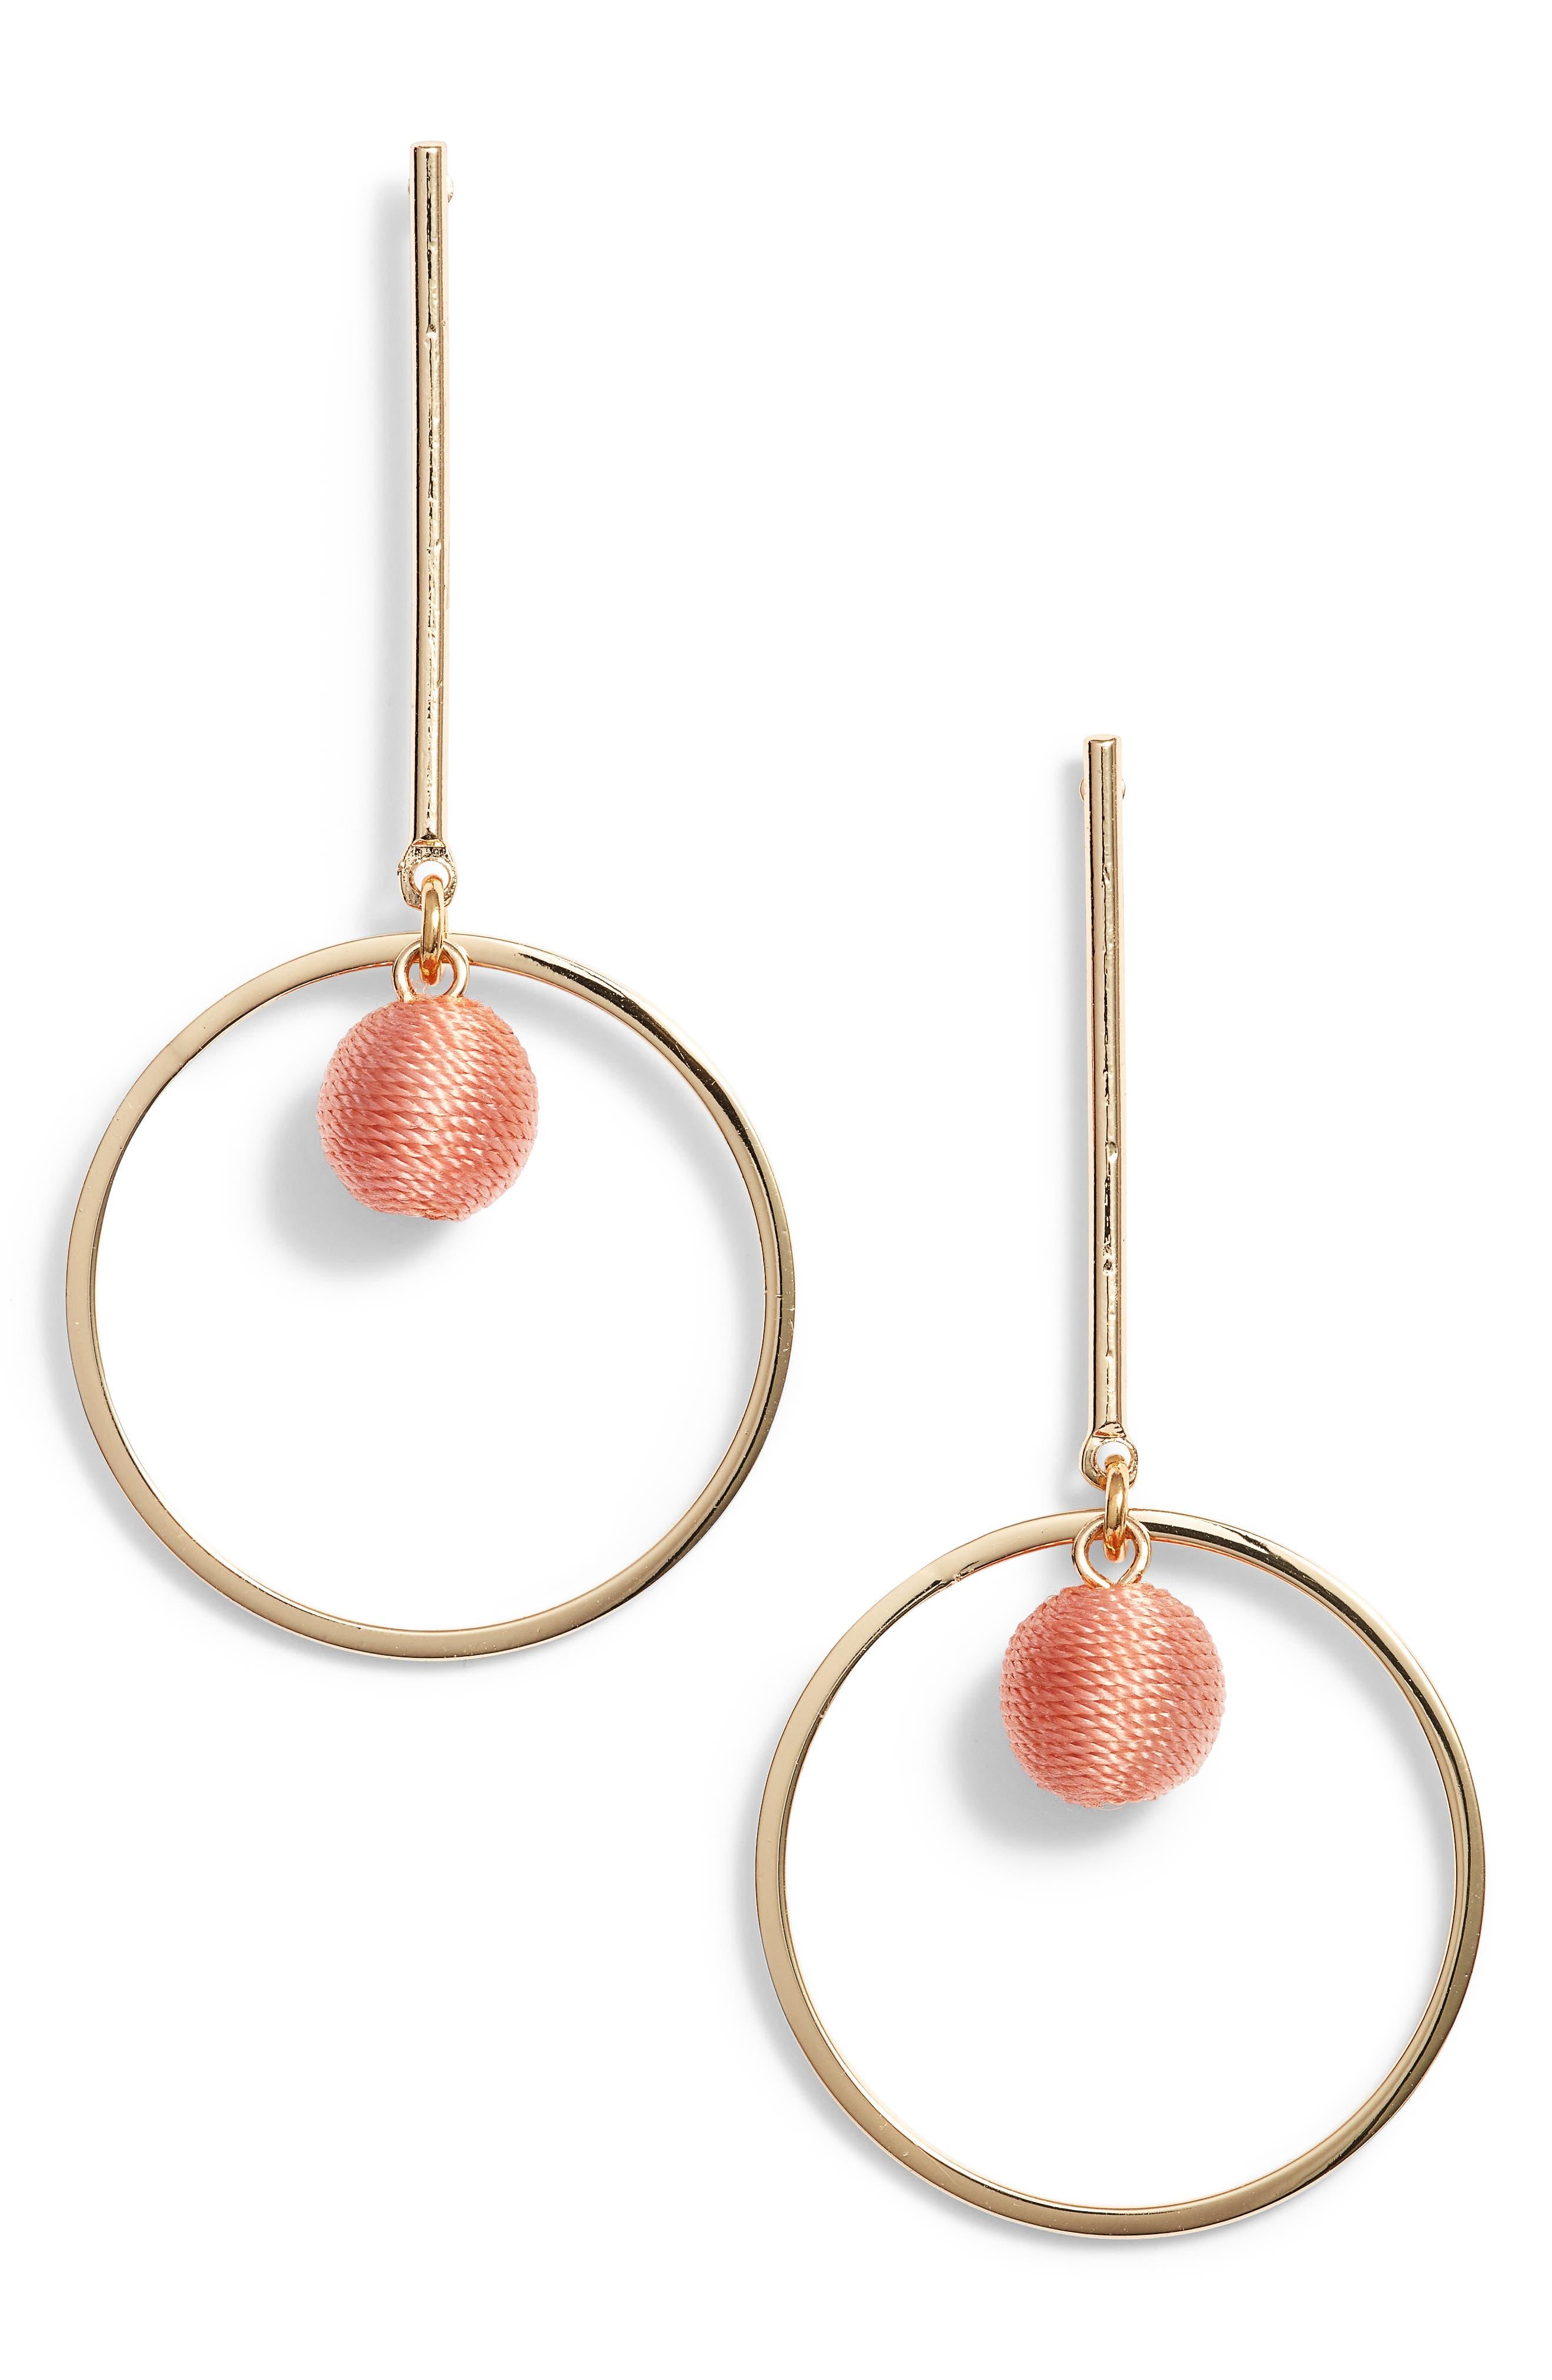 Alternate Image 1 Selected - Rebecca Minkoff Bar & Hoop Earrings